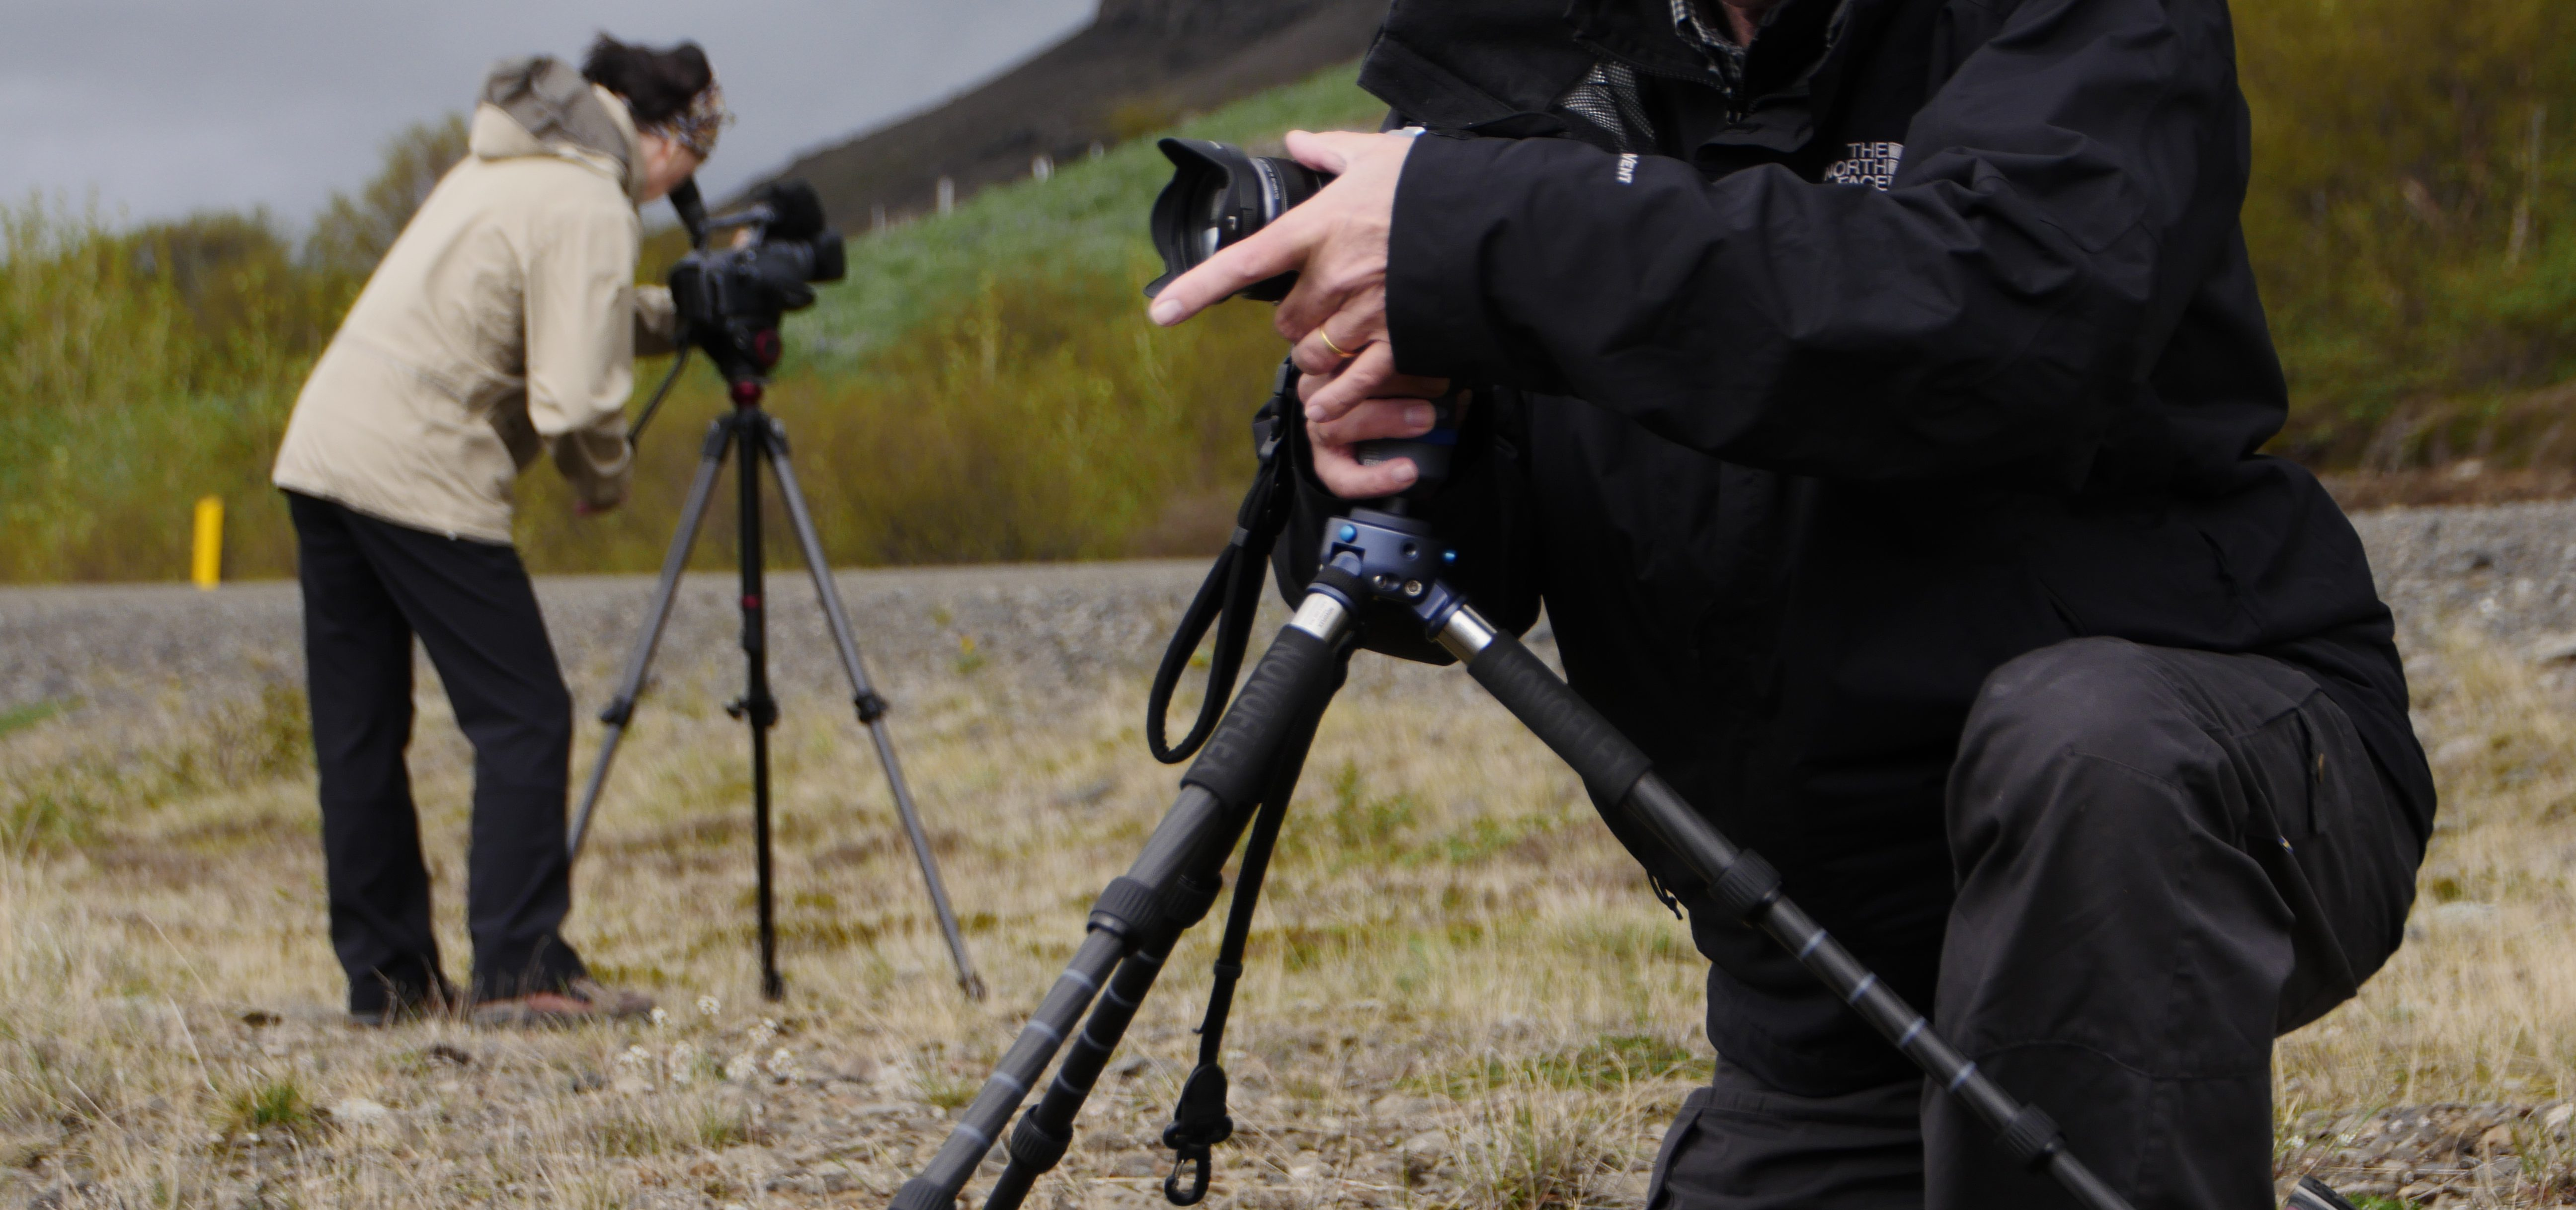 Personen die mit Ihrer Kamera Landschaften filmen